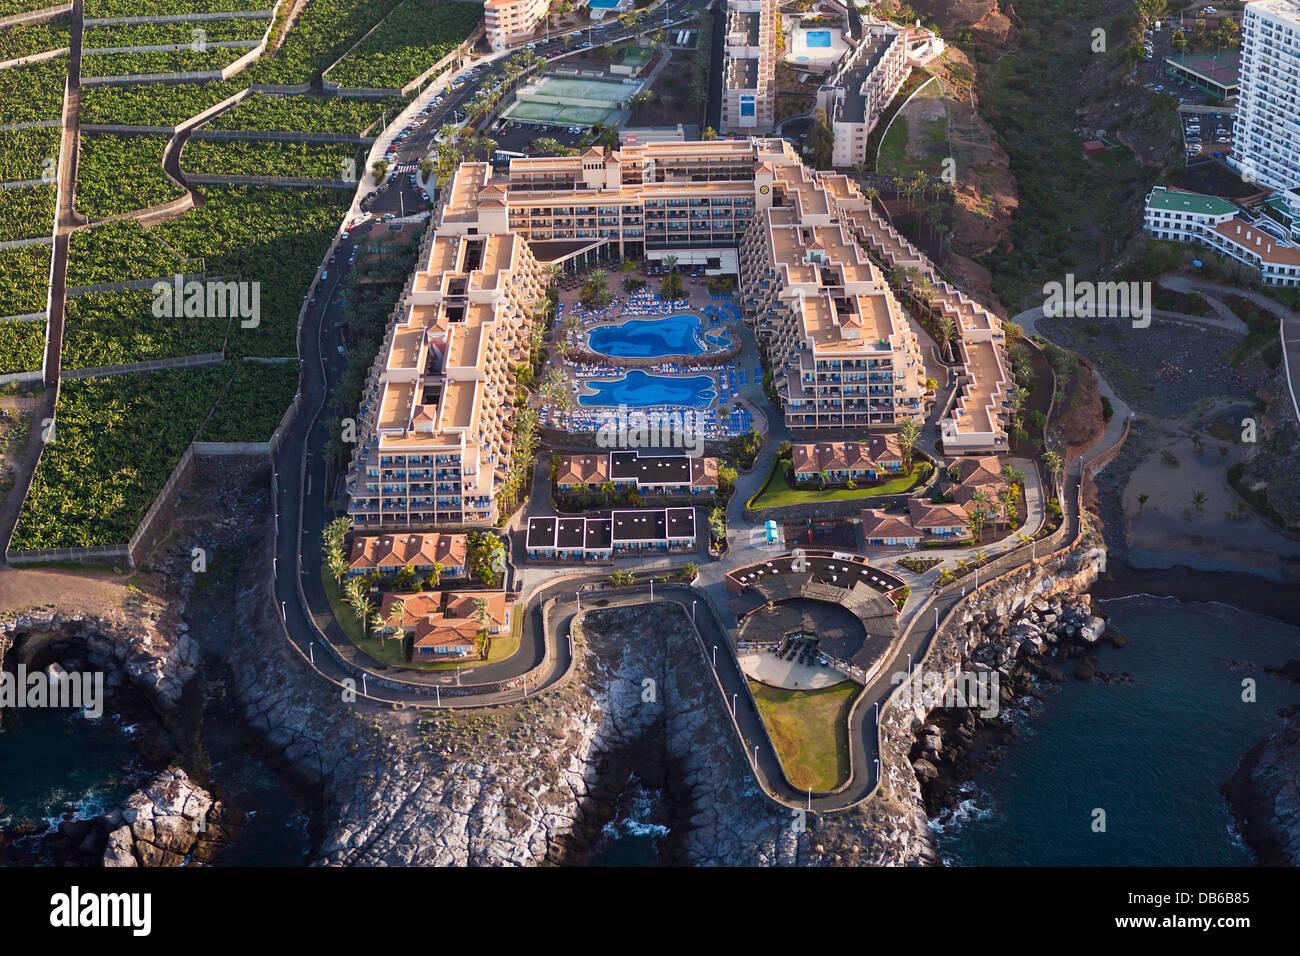 Hotel Einrichtungen im Süden von Teneriffa, Teneriffa, Kanarische Inseln, Spanien Stockbild